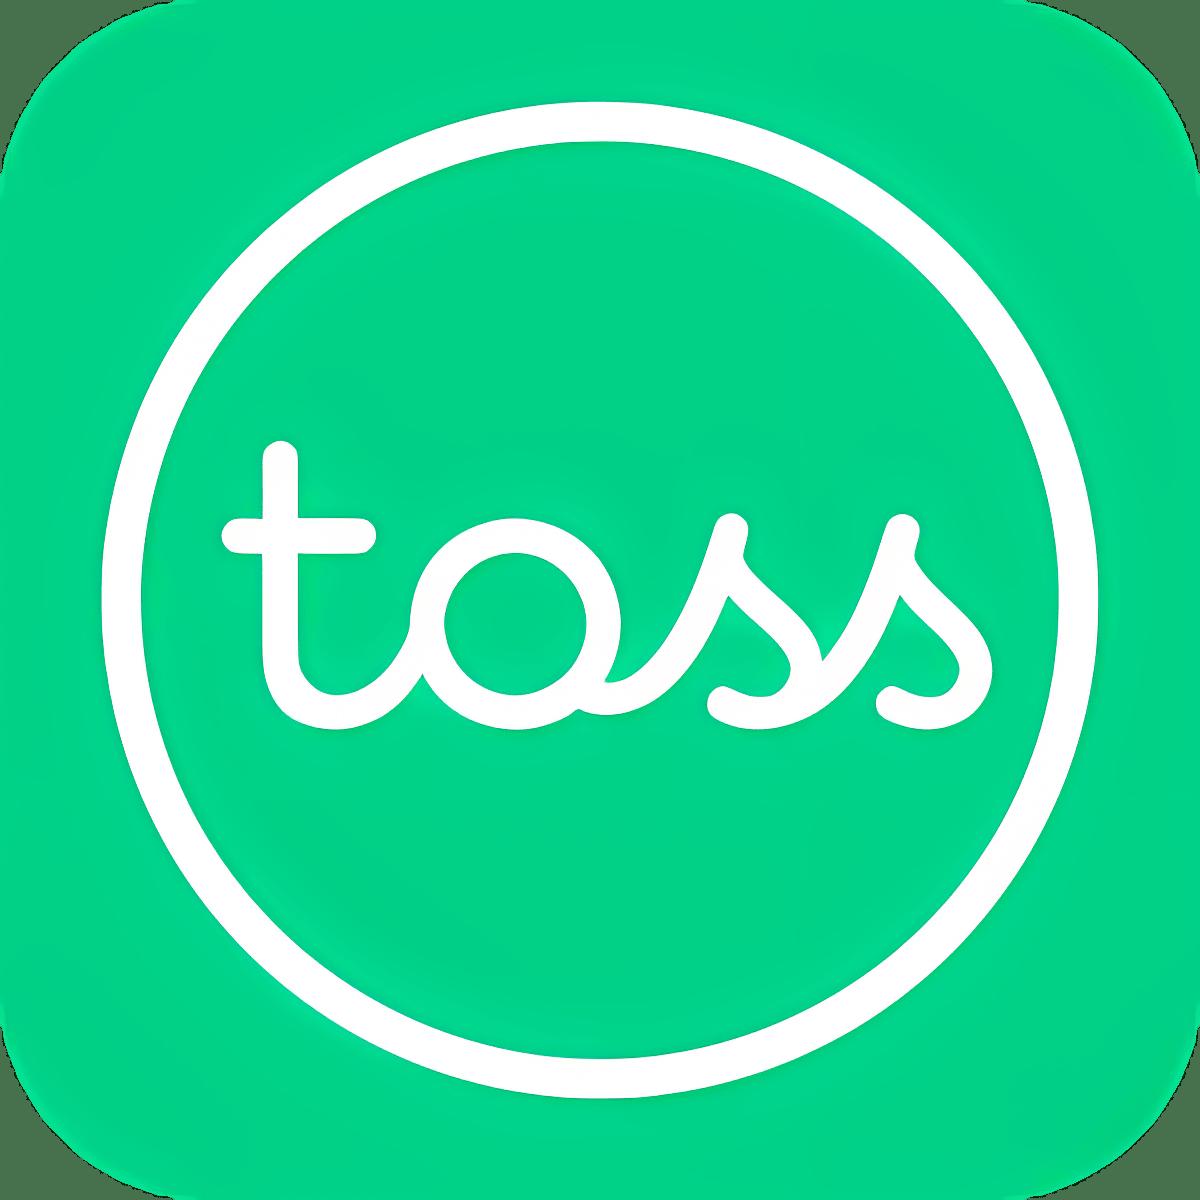 LINE Toss 1.0.0